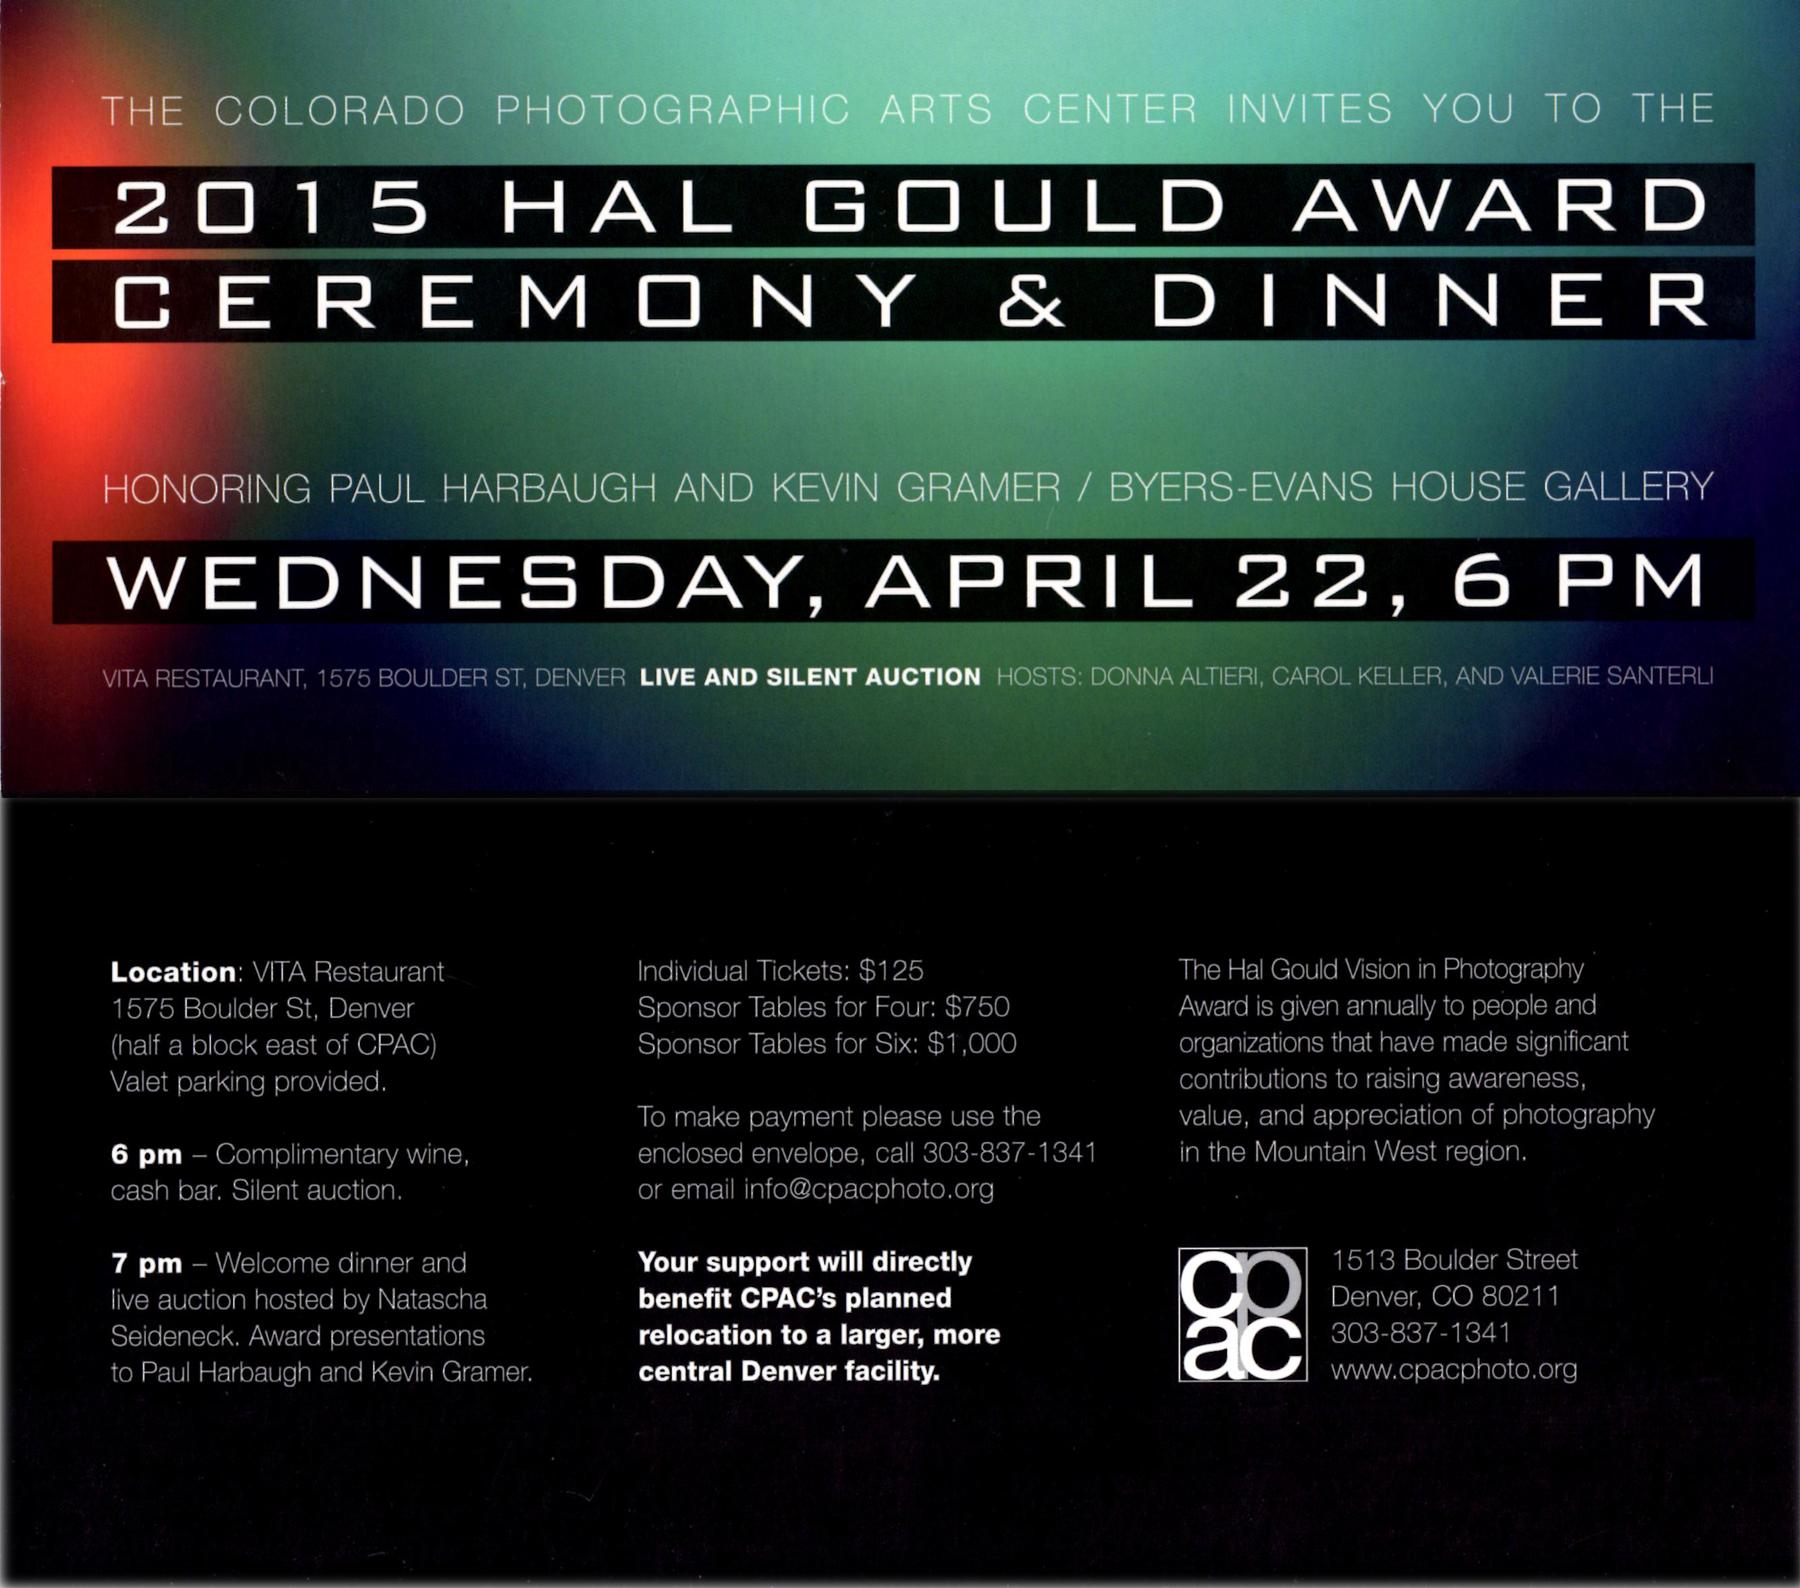 CPAC 2012-15. Annual fundraising dinner